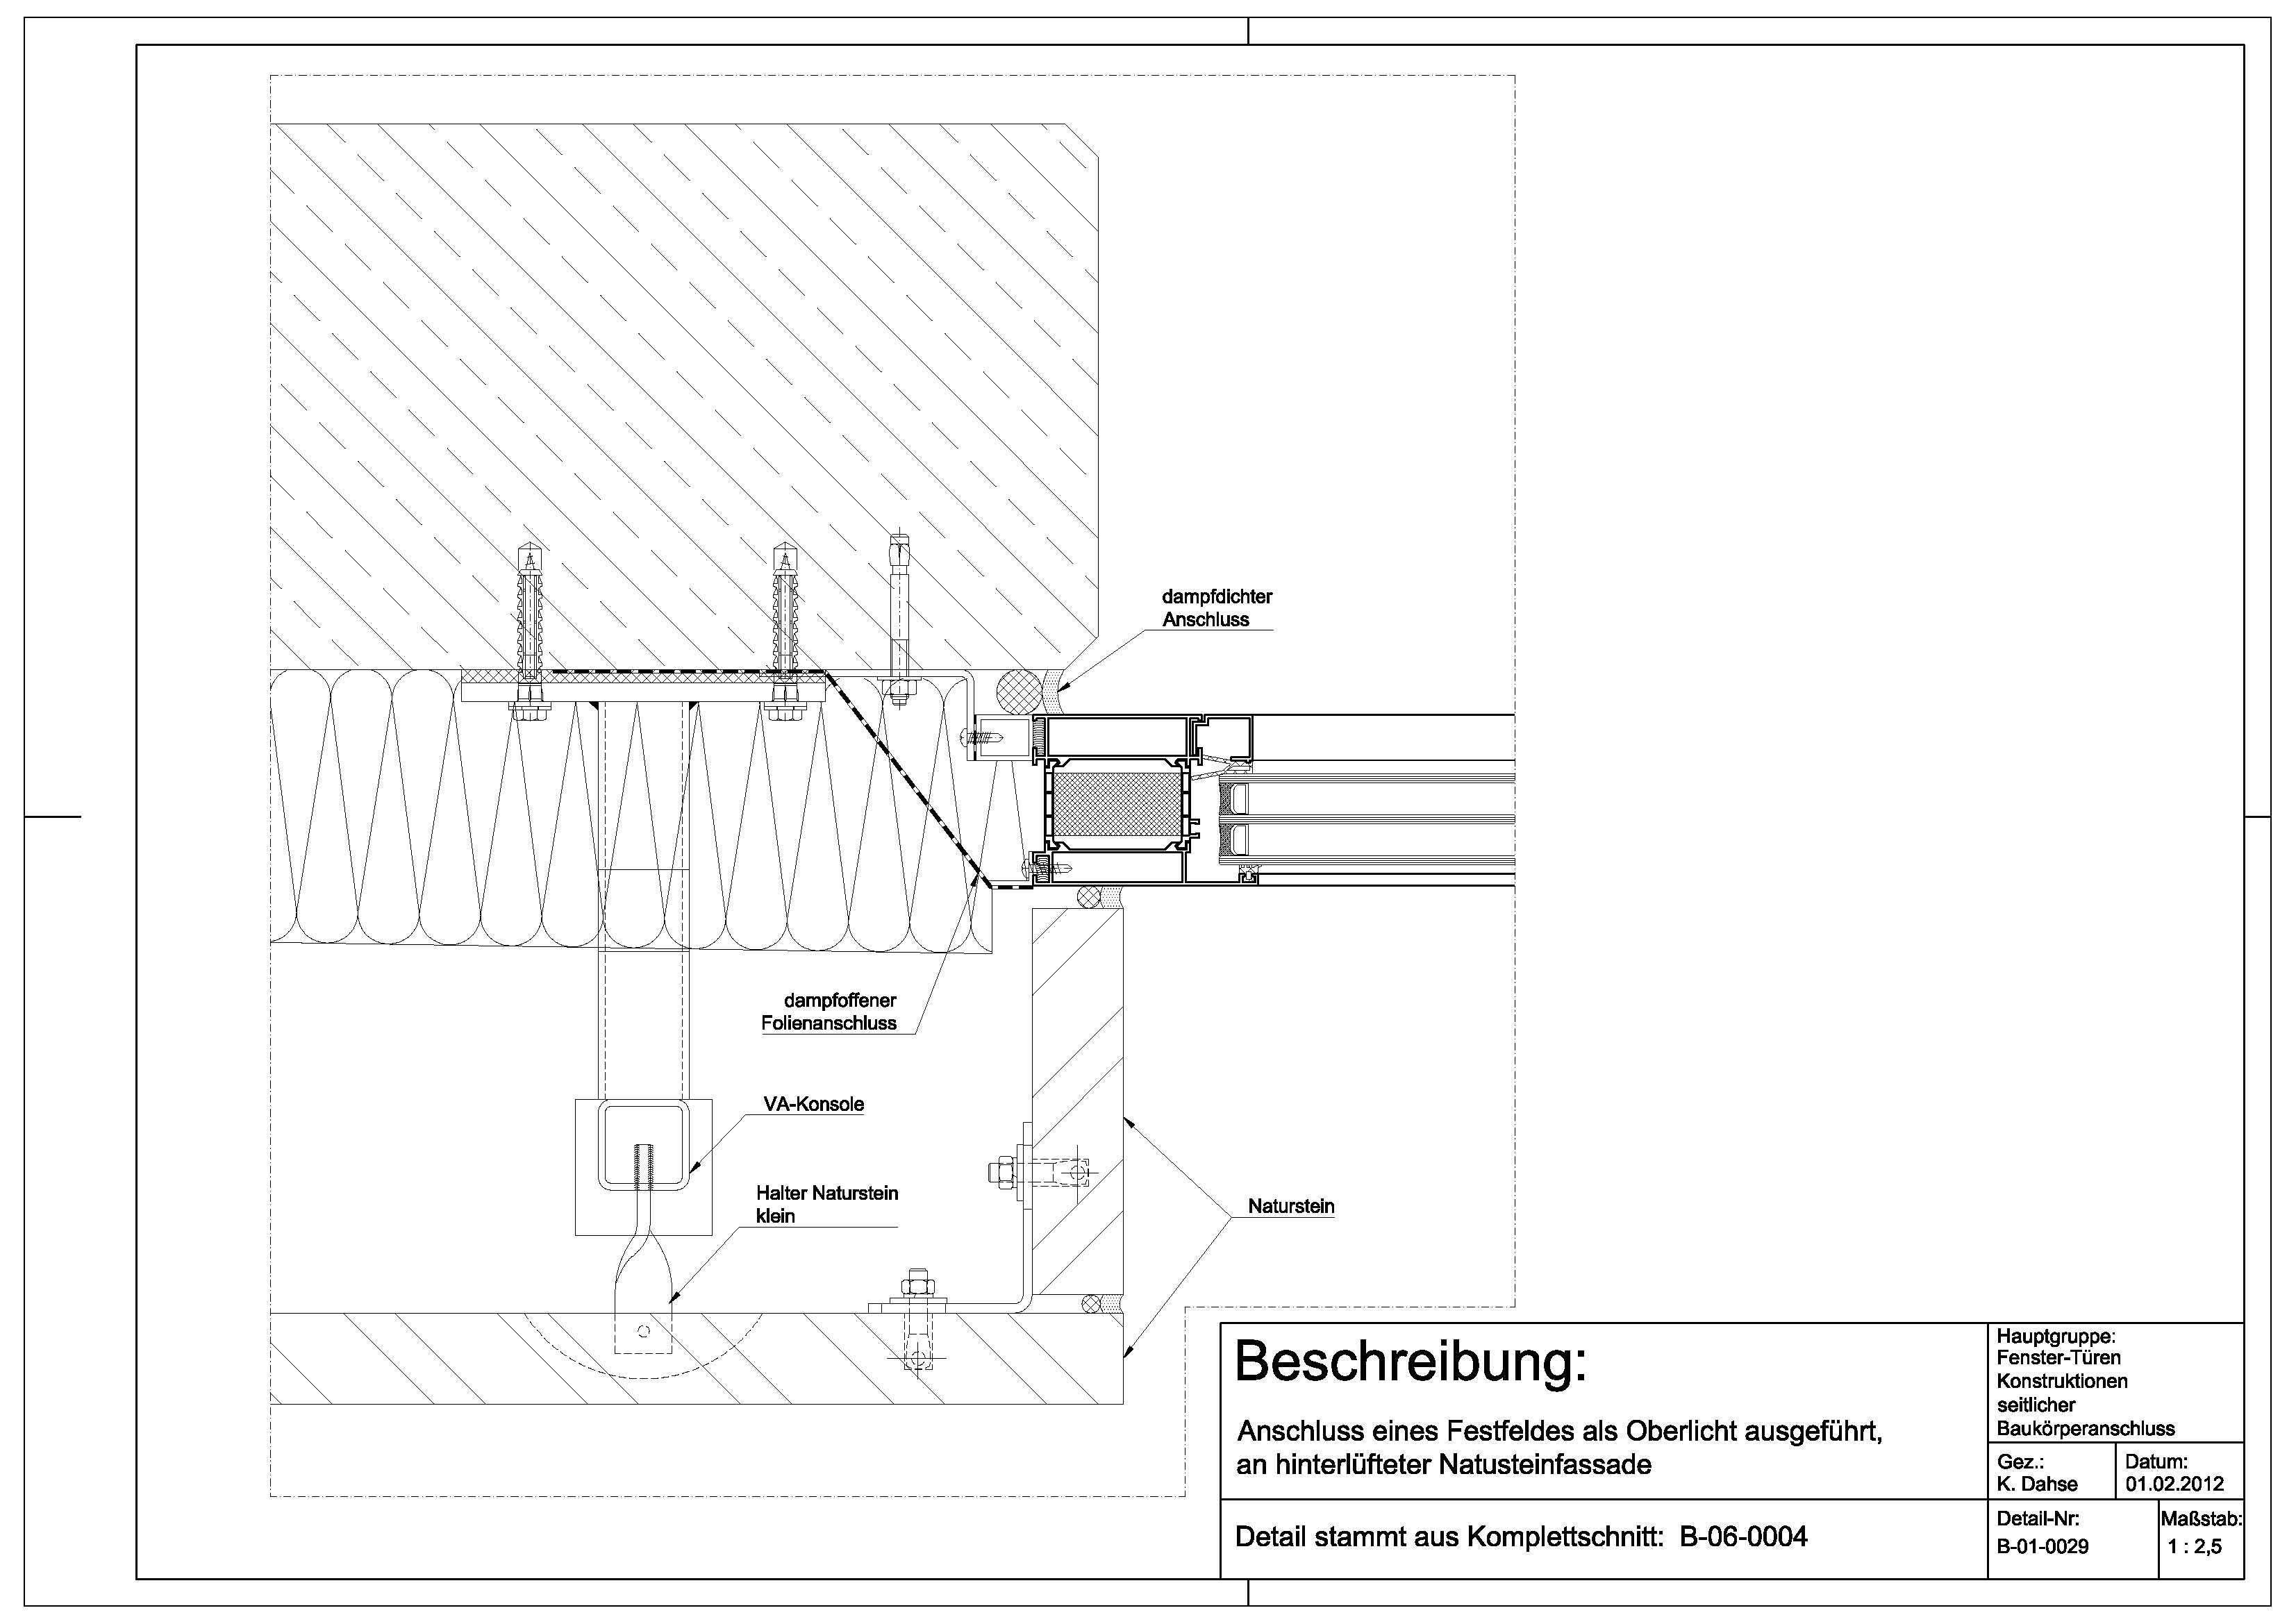 Oberlicht detail dwg  B-01-0029 Anschluss eines Festfeldes als Oberlicht ausgeführt an ...